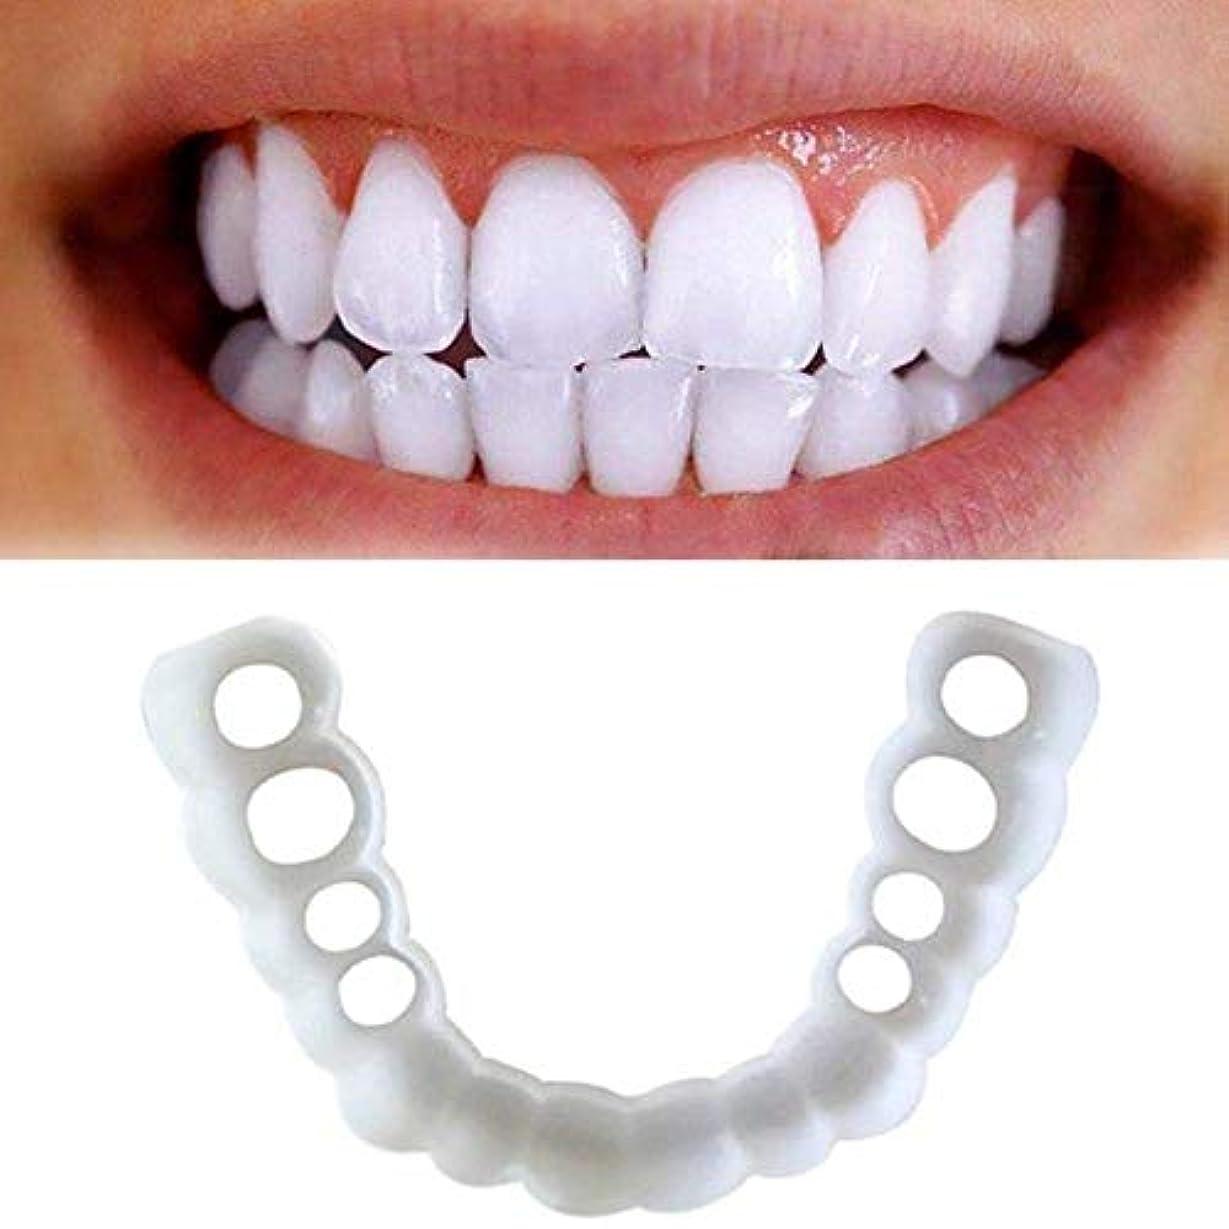 イデオロギー荒野勤勉な1PCS / Setteeth化粧品柔軟化粧品歯科入れ歯歯トップベニヤ化粧品の歯キット入れ歯に適して快適